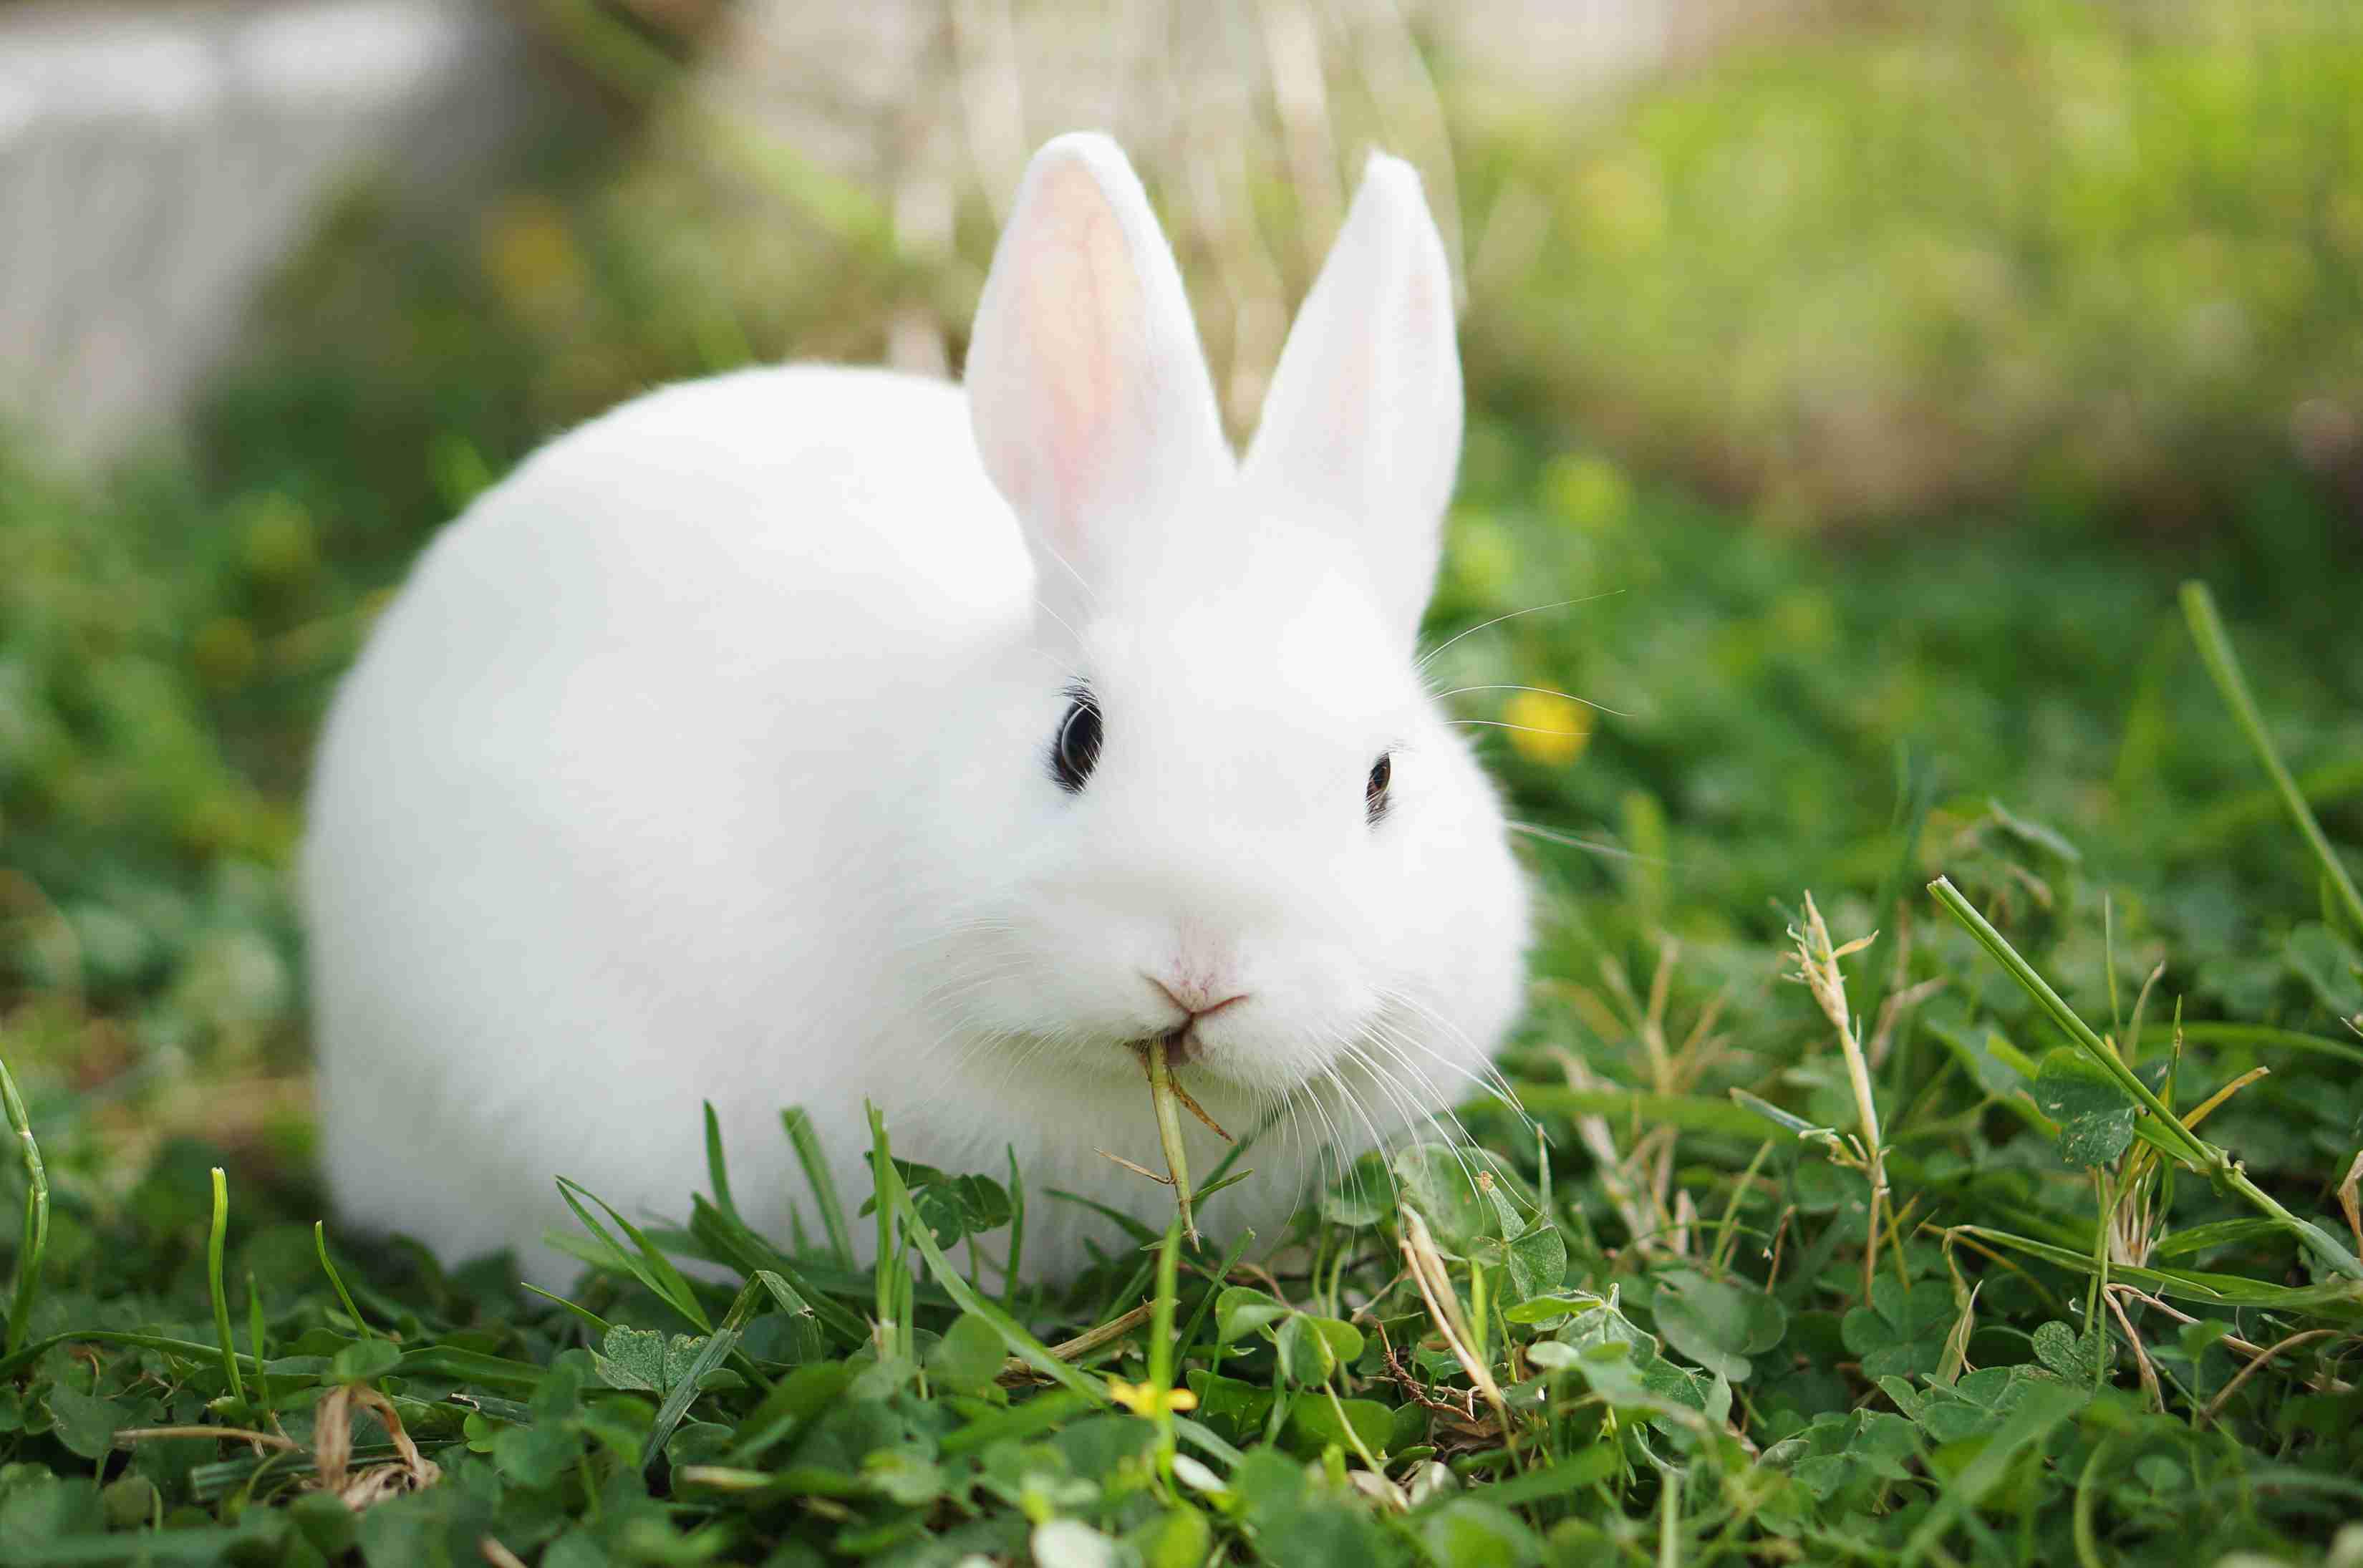 Hình ảnh thỏ lông trắng xinh đẹp